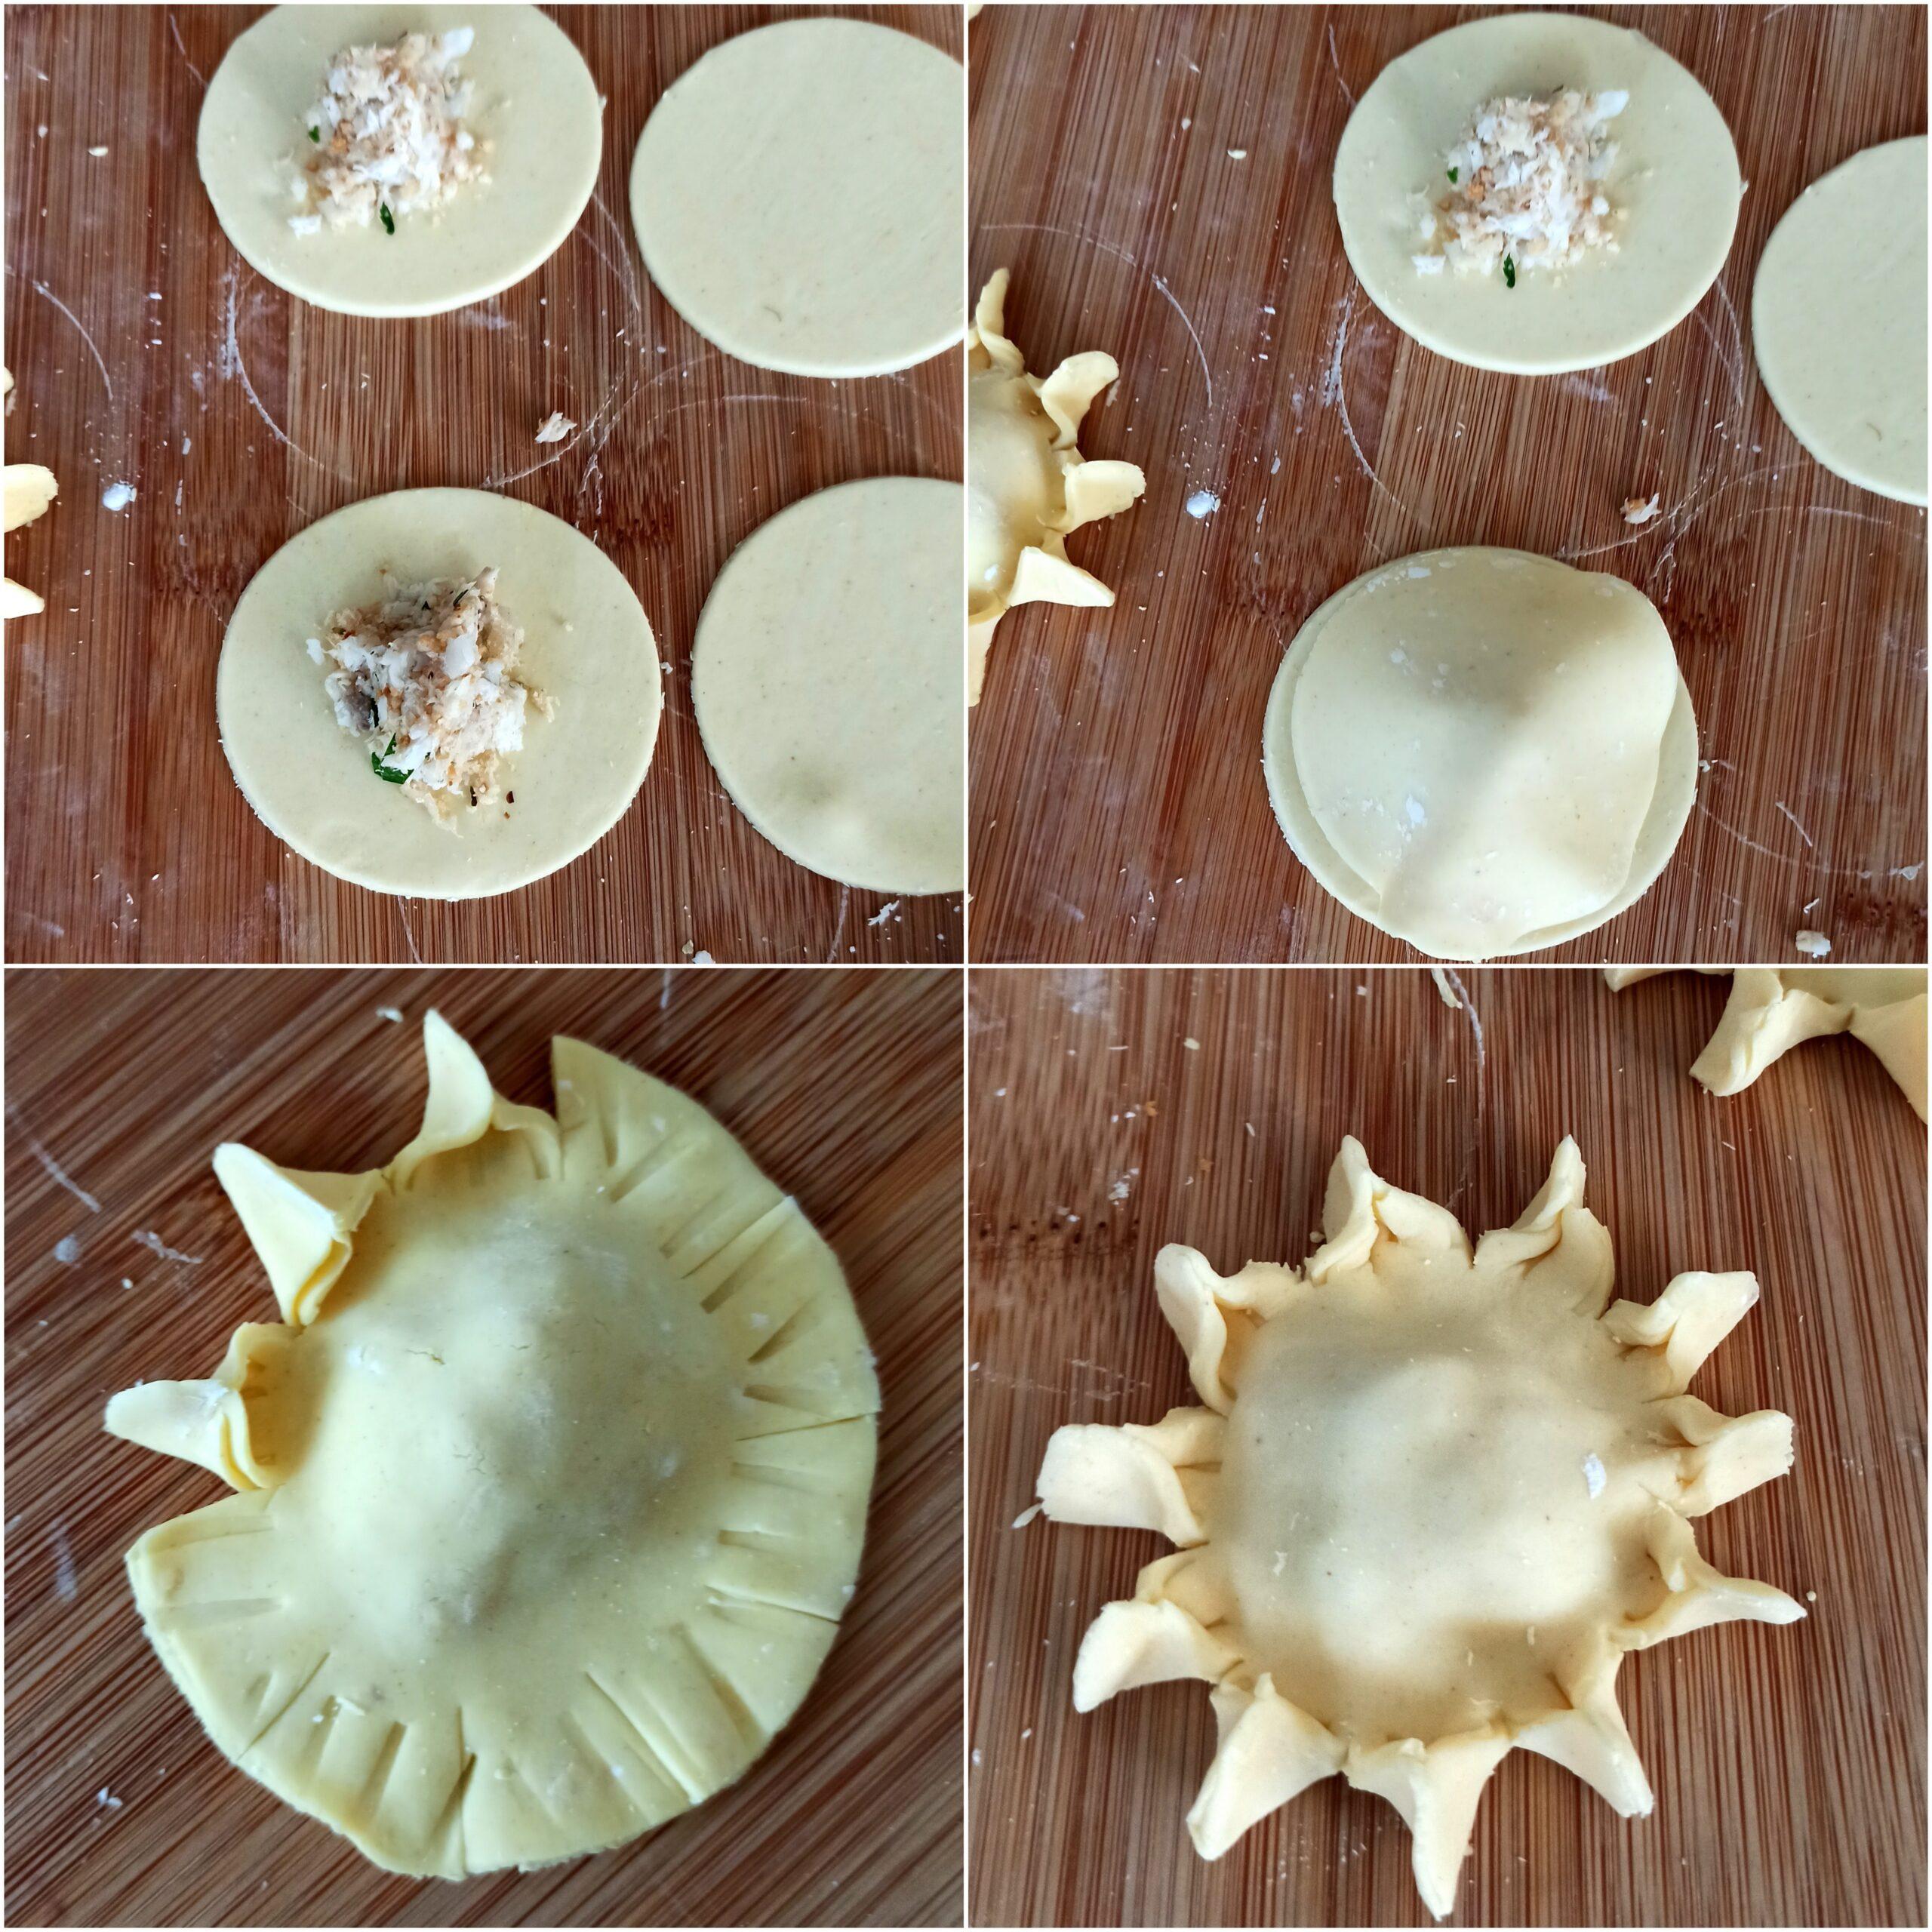 Girasoli di pasta fresca senza glutine - La Cassata Celiaca